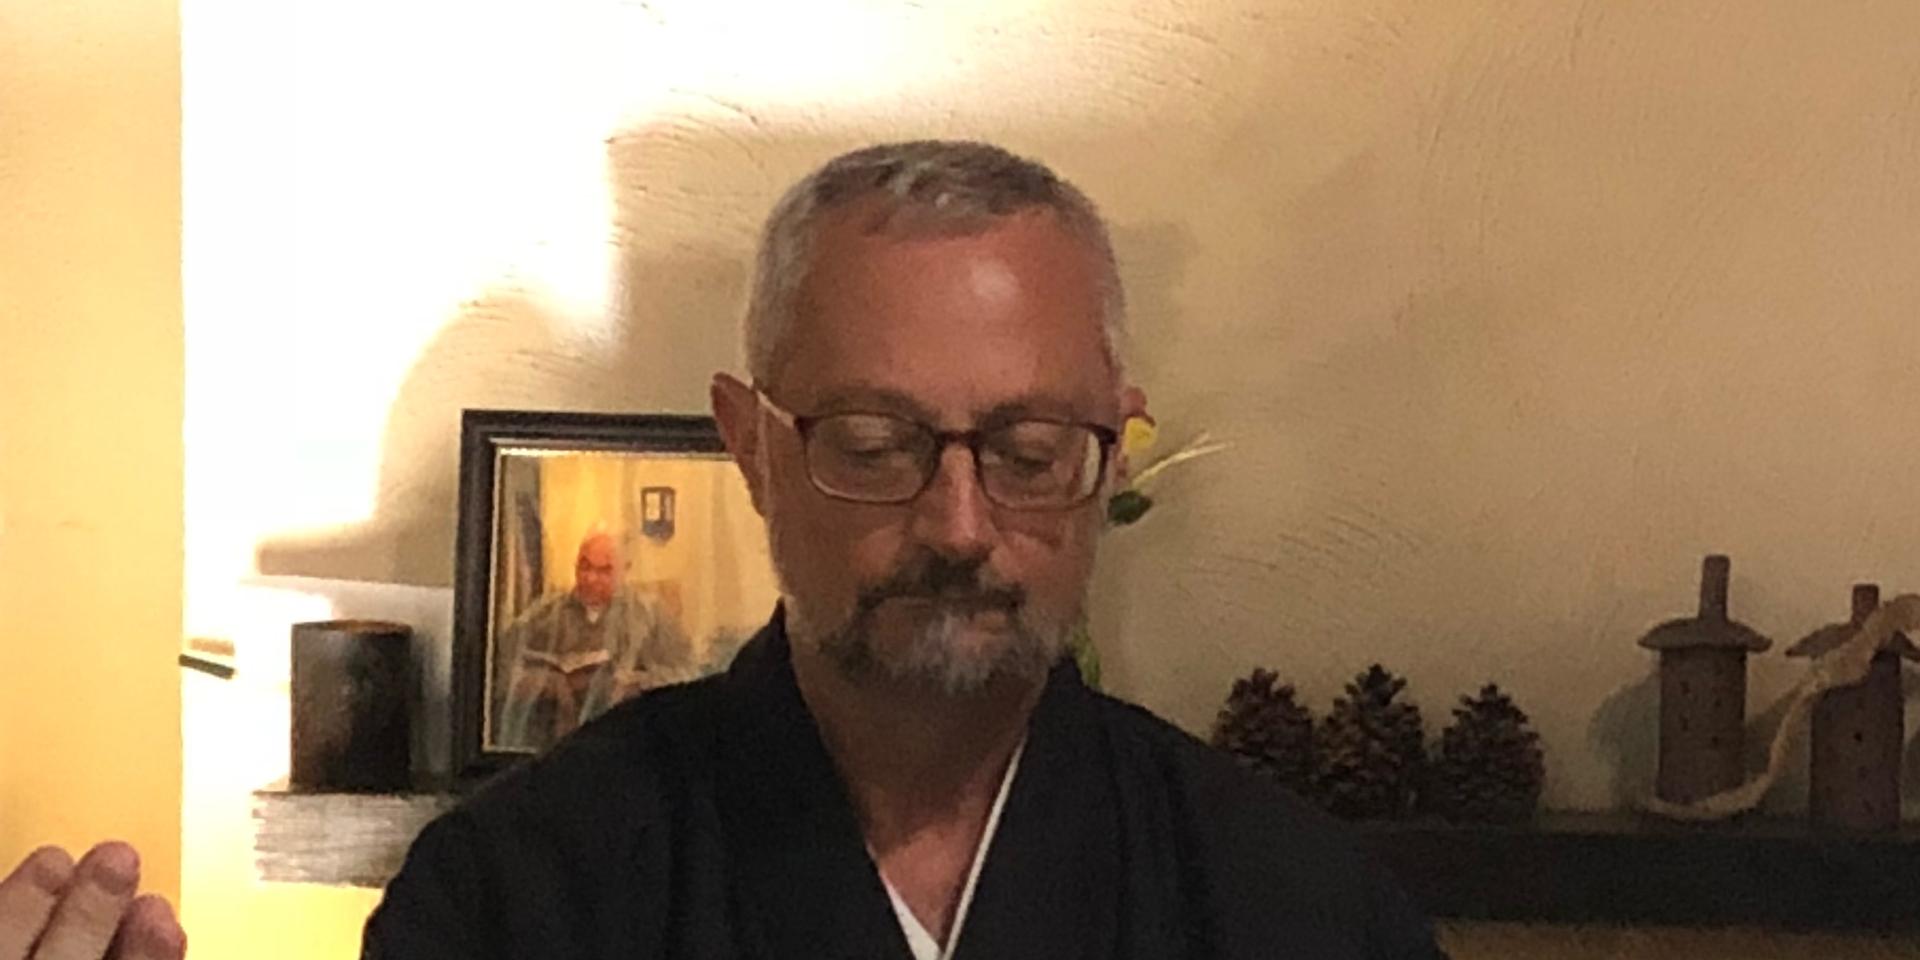 Sensei Emyo Bizub